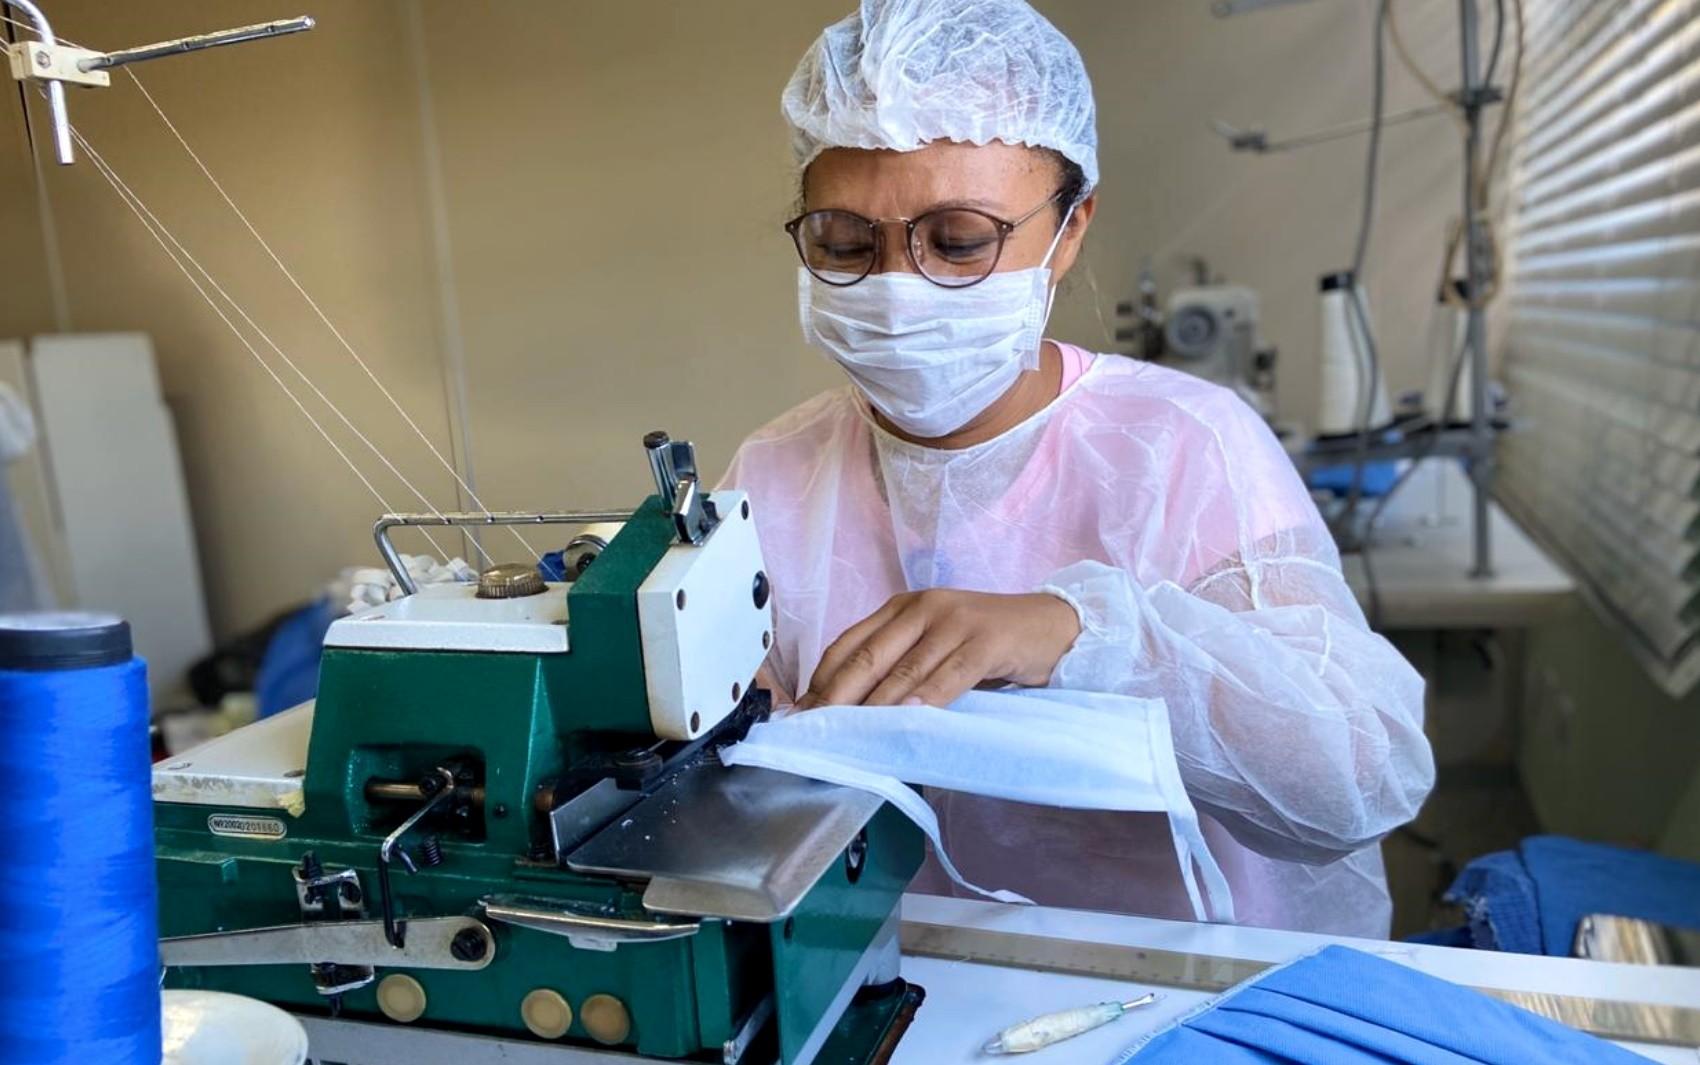 Hospitais produzem máscaras descartáveis com três 'barreiras' de proteção contra o coronavírus, em Goiânia